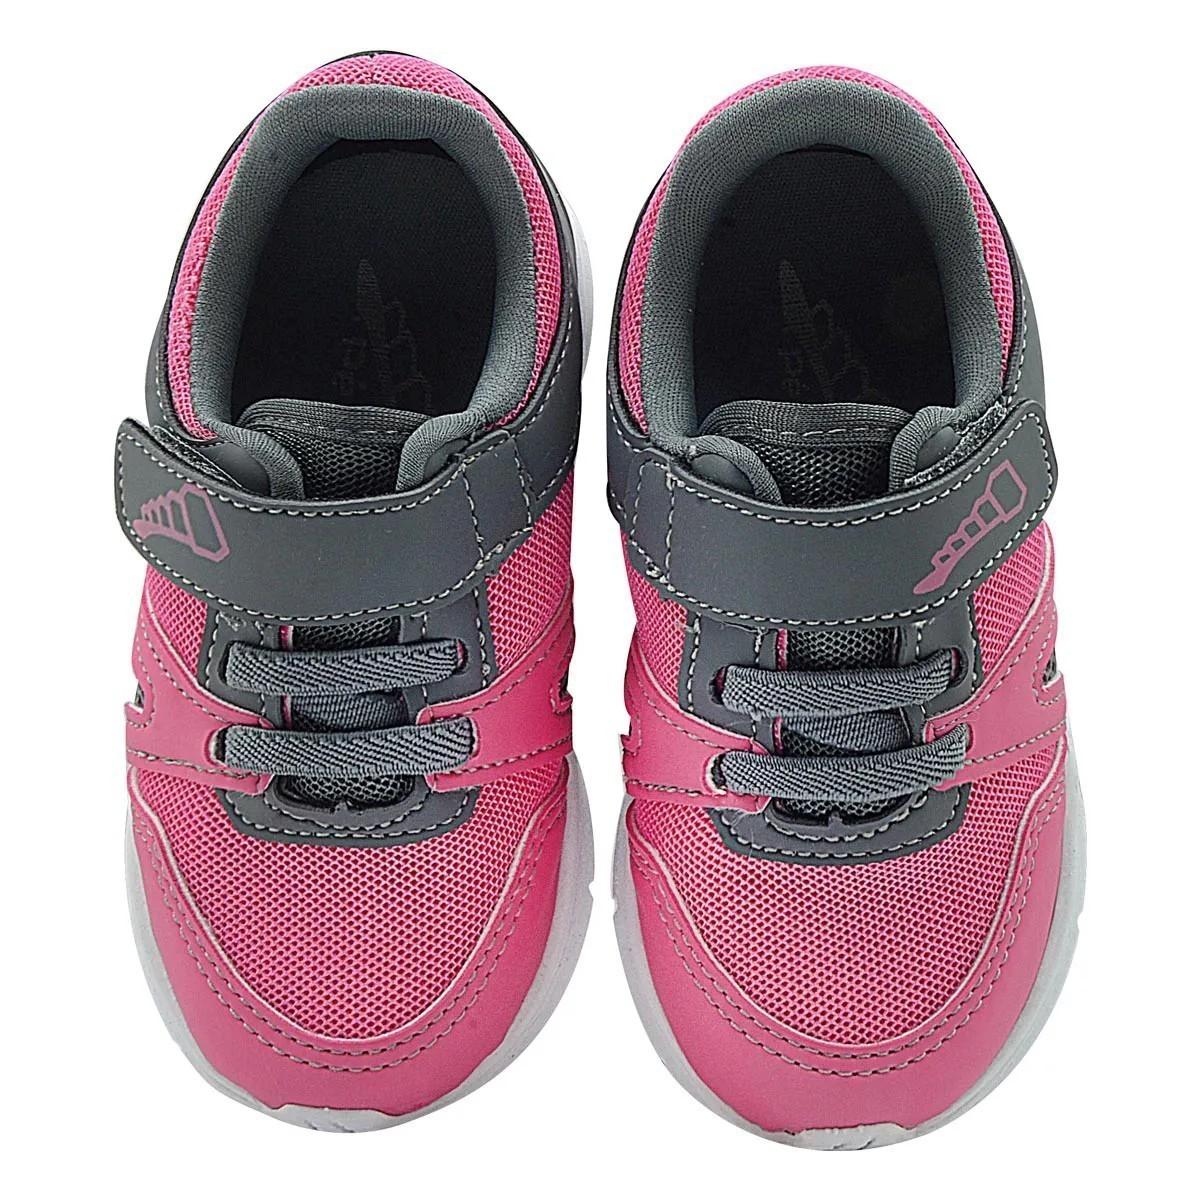 Tênis Infantil Pé com Pé Calce Fácil Pink com Cinza Menina